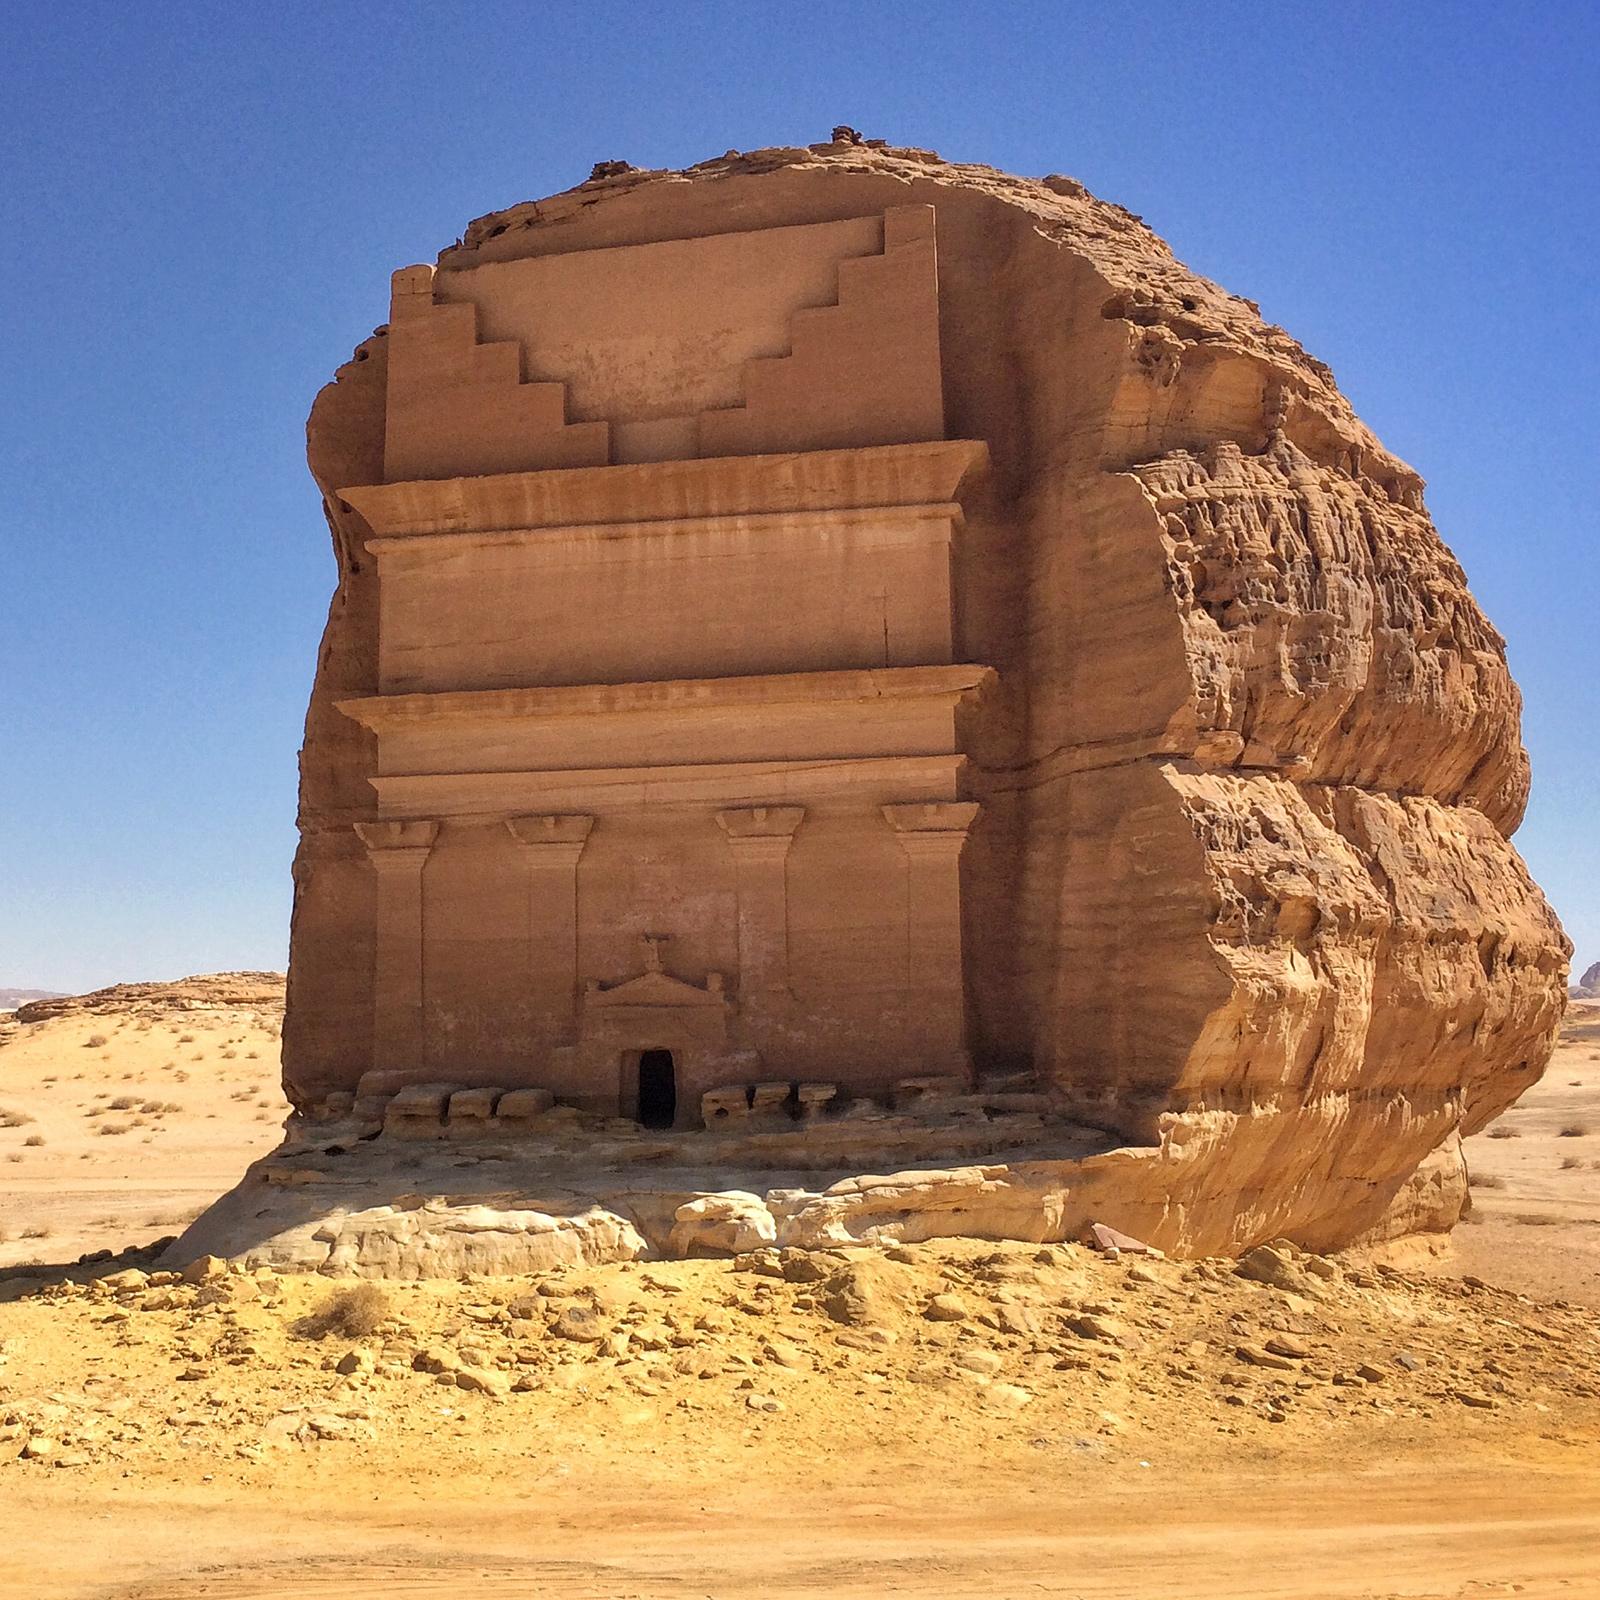 揉合眾多古代帝國文化風格的砂岩陵墓-瑪甸沙勒